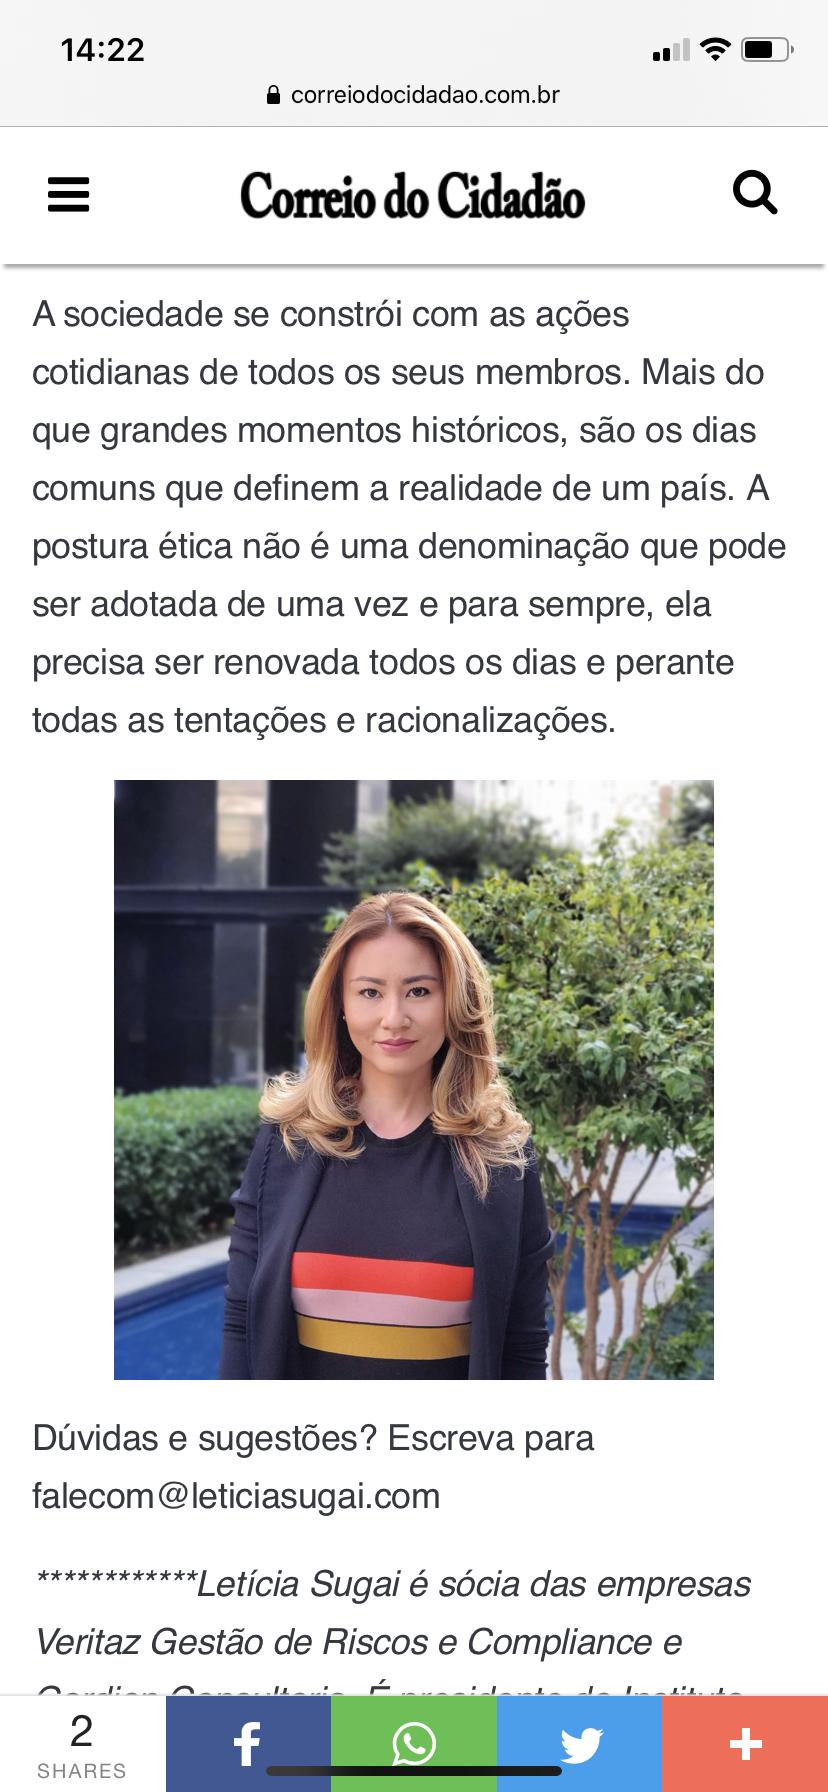 Letícia Sugai artigo Correio do Cidadão